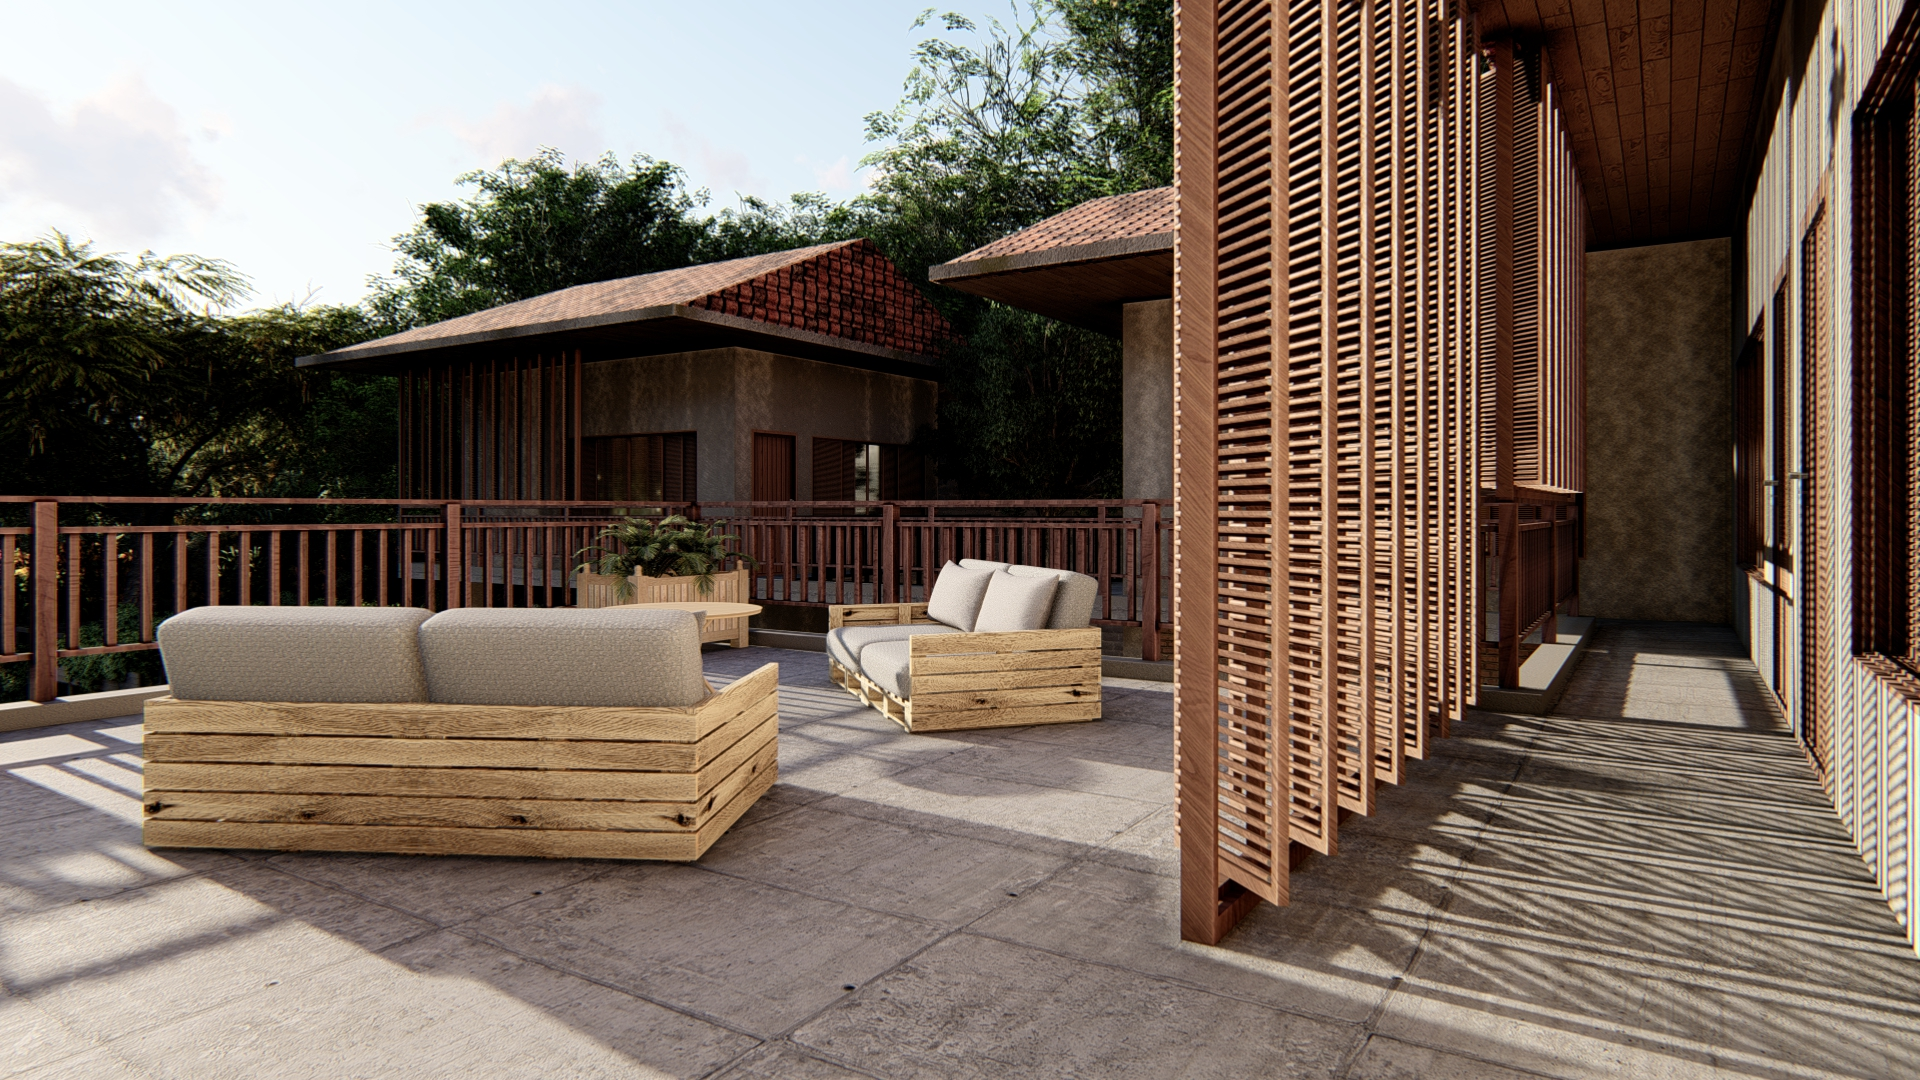 thiết kế Khách Sạn tại Gia Lai Farmstay and Hostel 7 1565695260